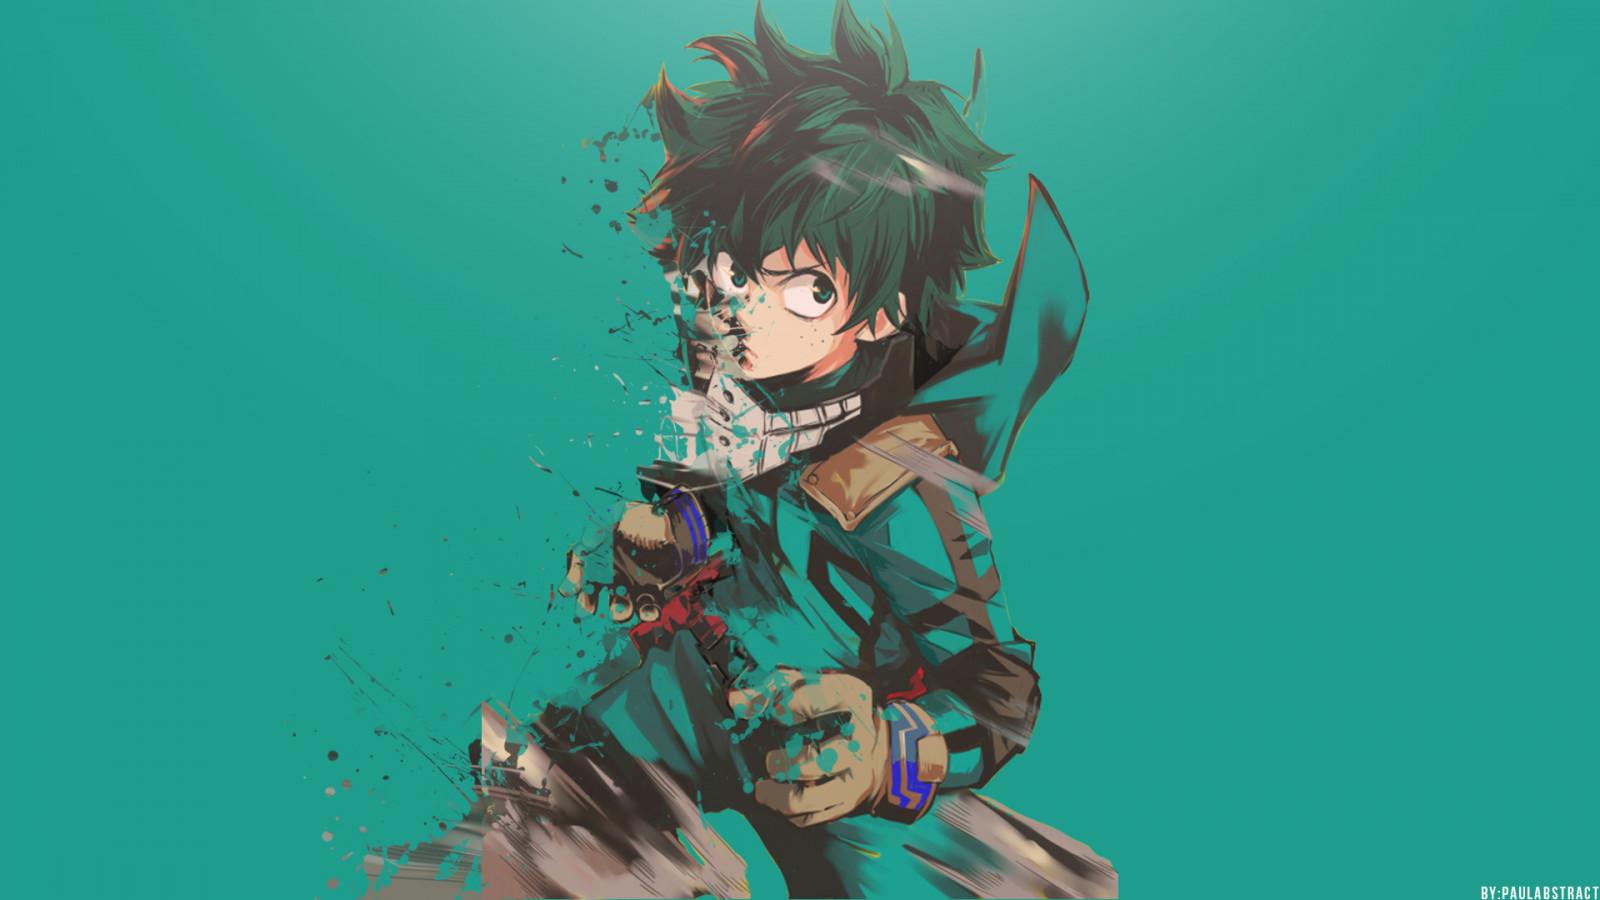 Wallpaper Boku No Hero Academia Anime Midoriya Izuku